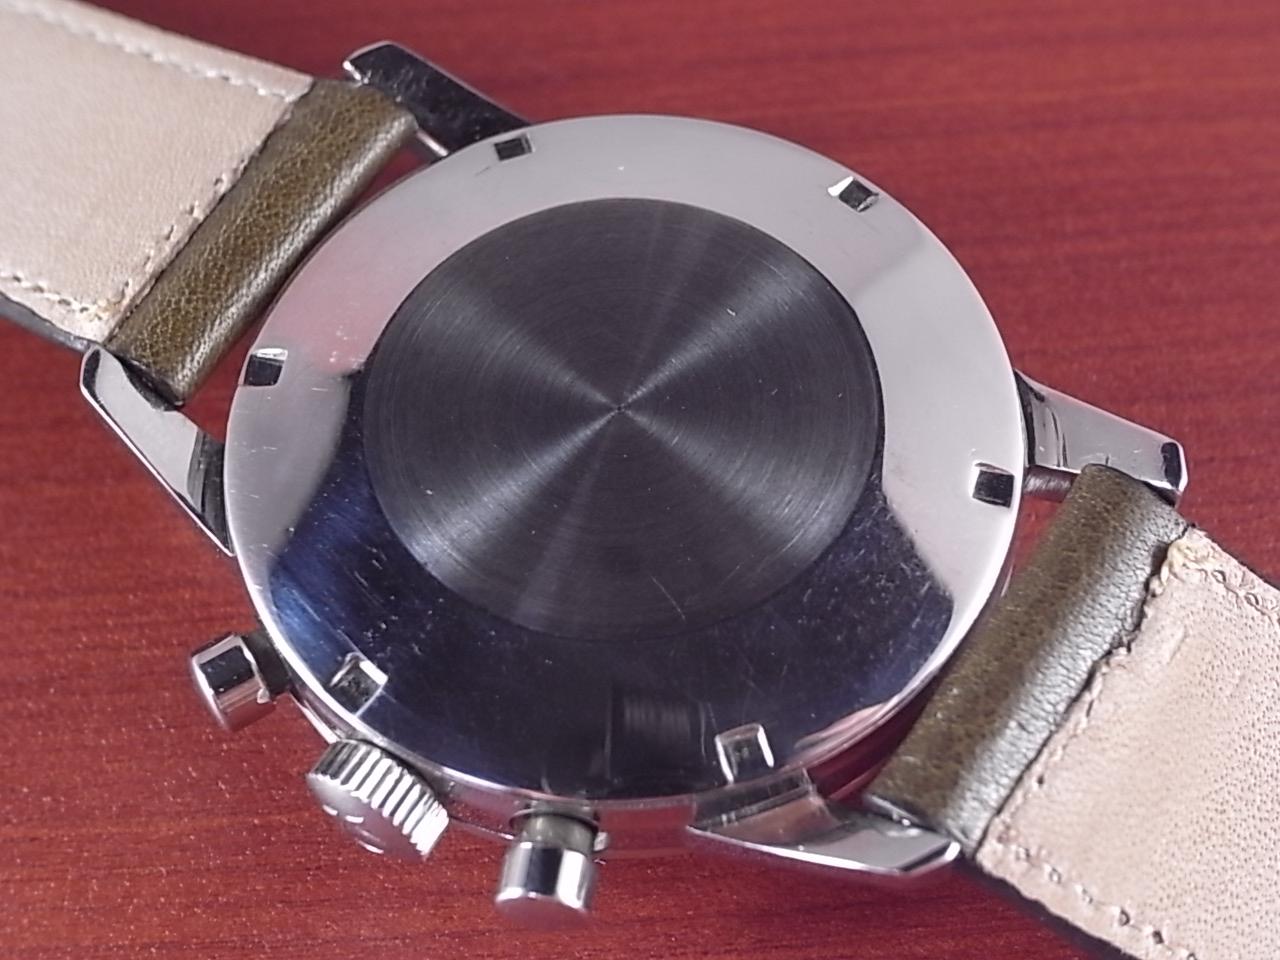 オメガ シーマスター クロノグラフ キャリバー321 1960年代の写真4枚目